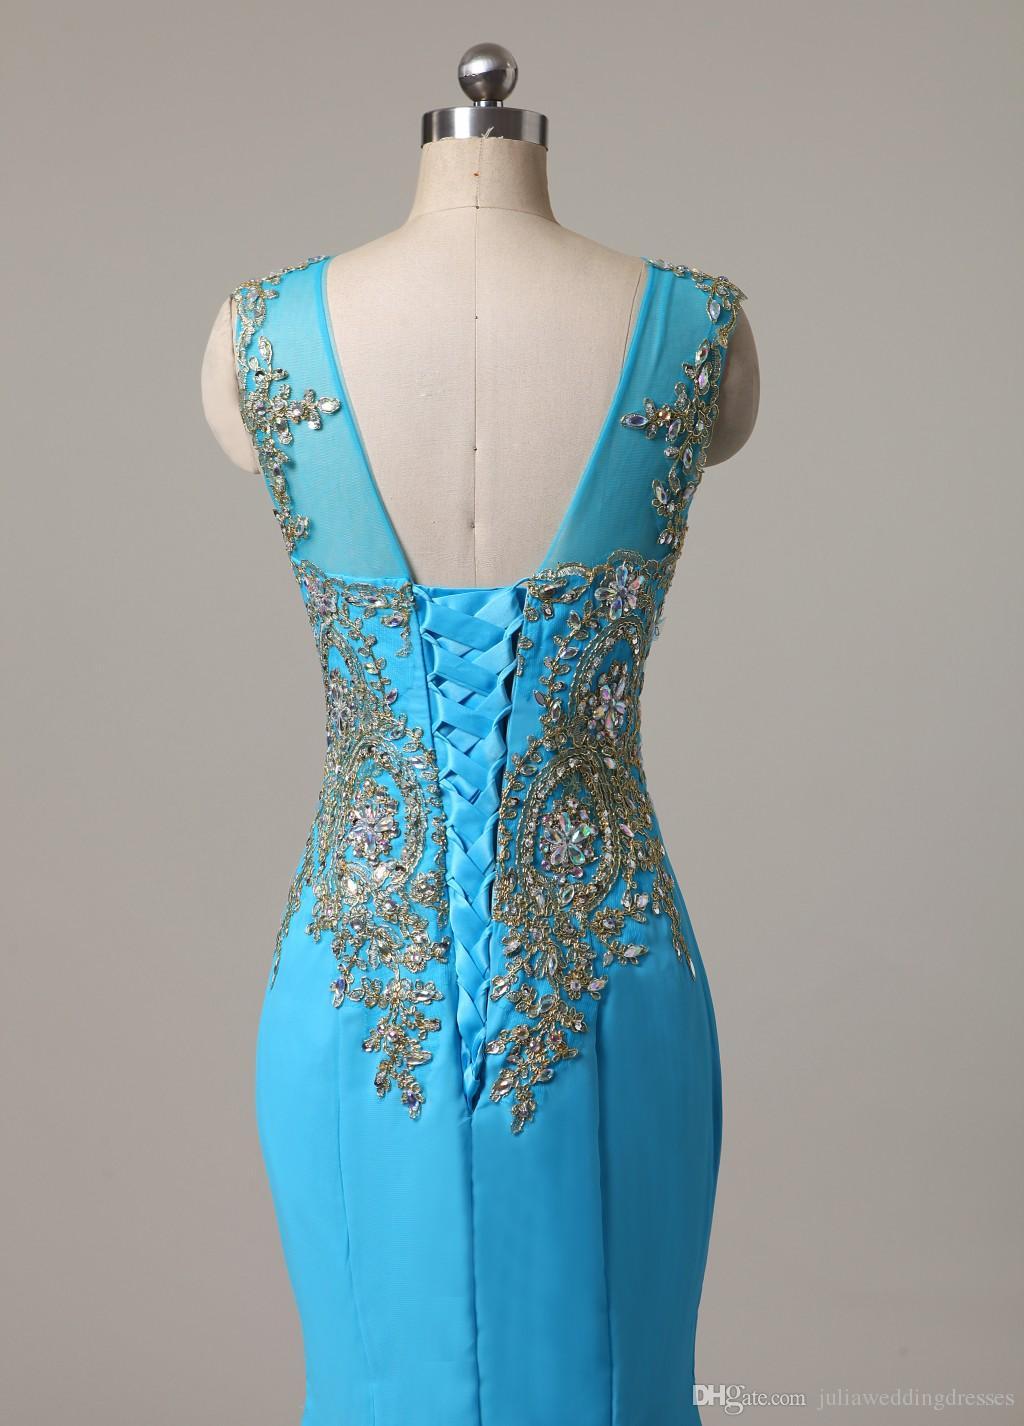 2021 New Black Blue Long Lace 인어 정식 이브닝 드레스 Scoop 크리스탈 레이스 업 대회 댄스 파티 가운 재고 Q15